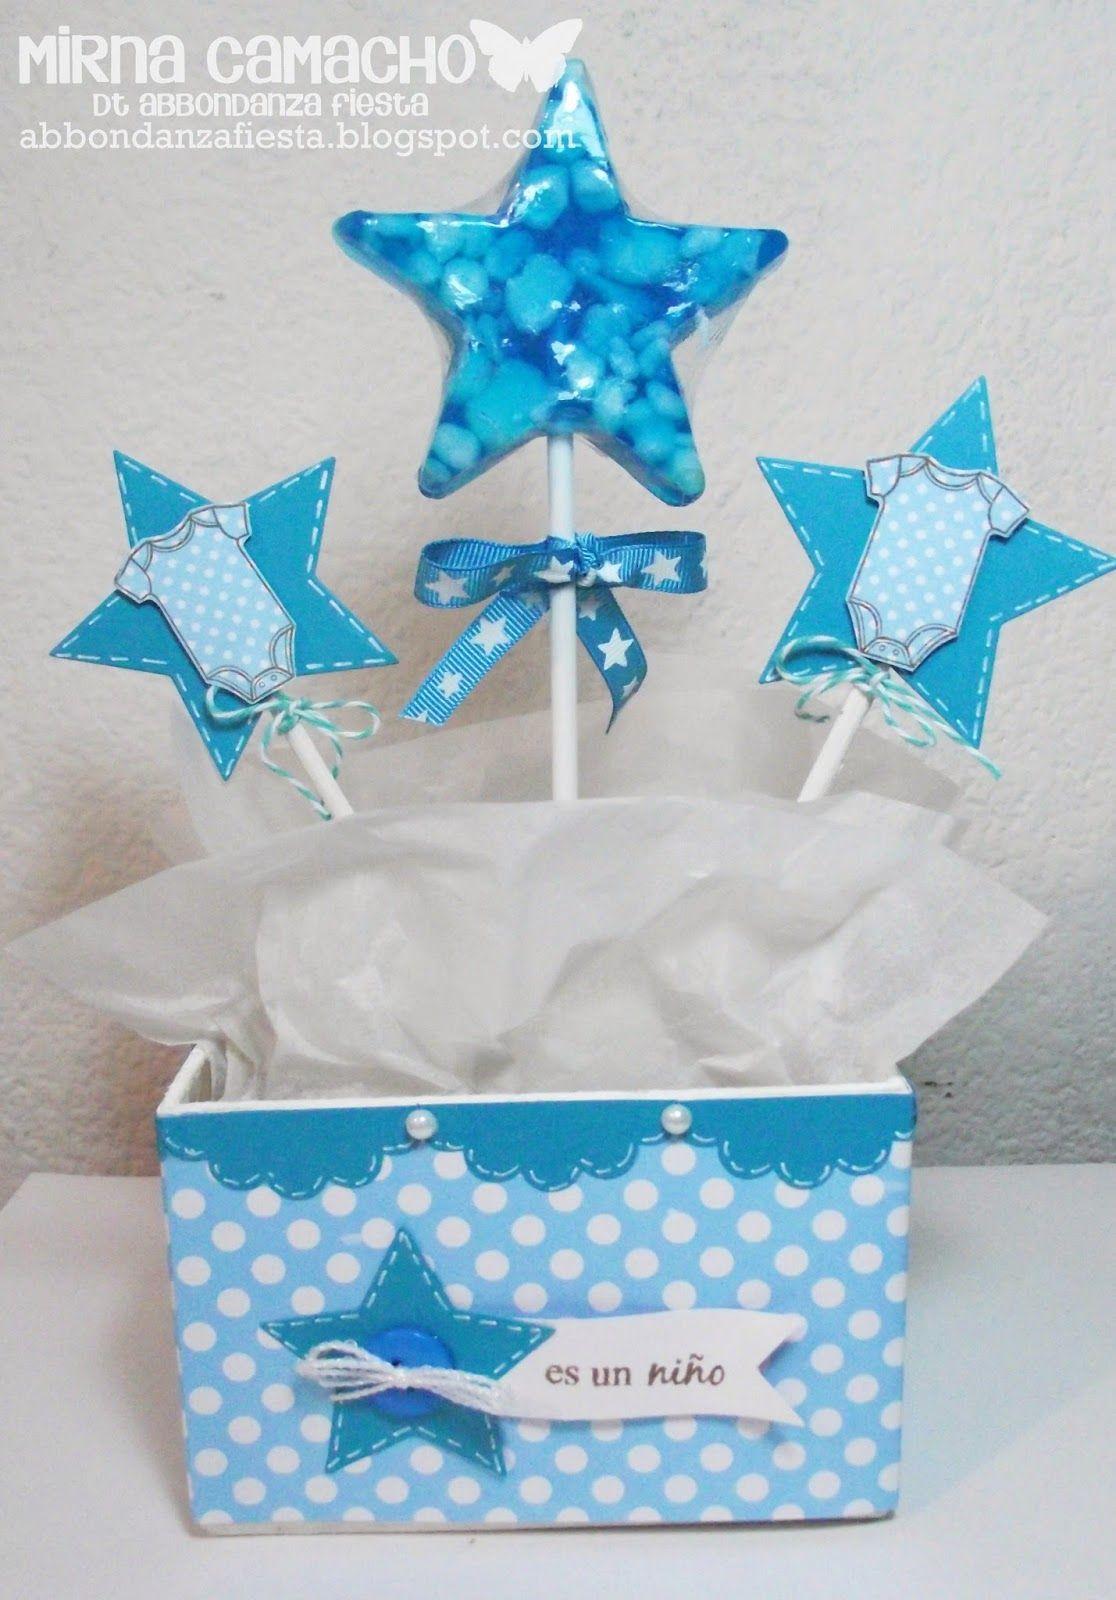 Centro De Mesa Para Baby Shower Varon Faciles : centro, shower, varon, faciles, Centros, Estrellas, Buscar, Google, Mesas, Shower,, Mesa,, Shower